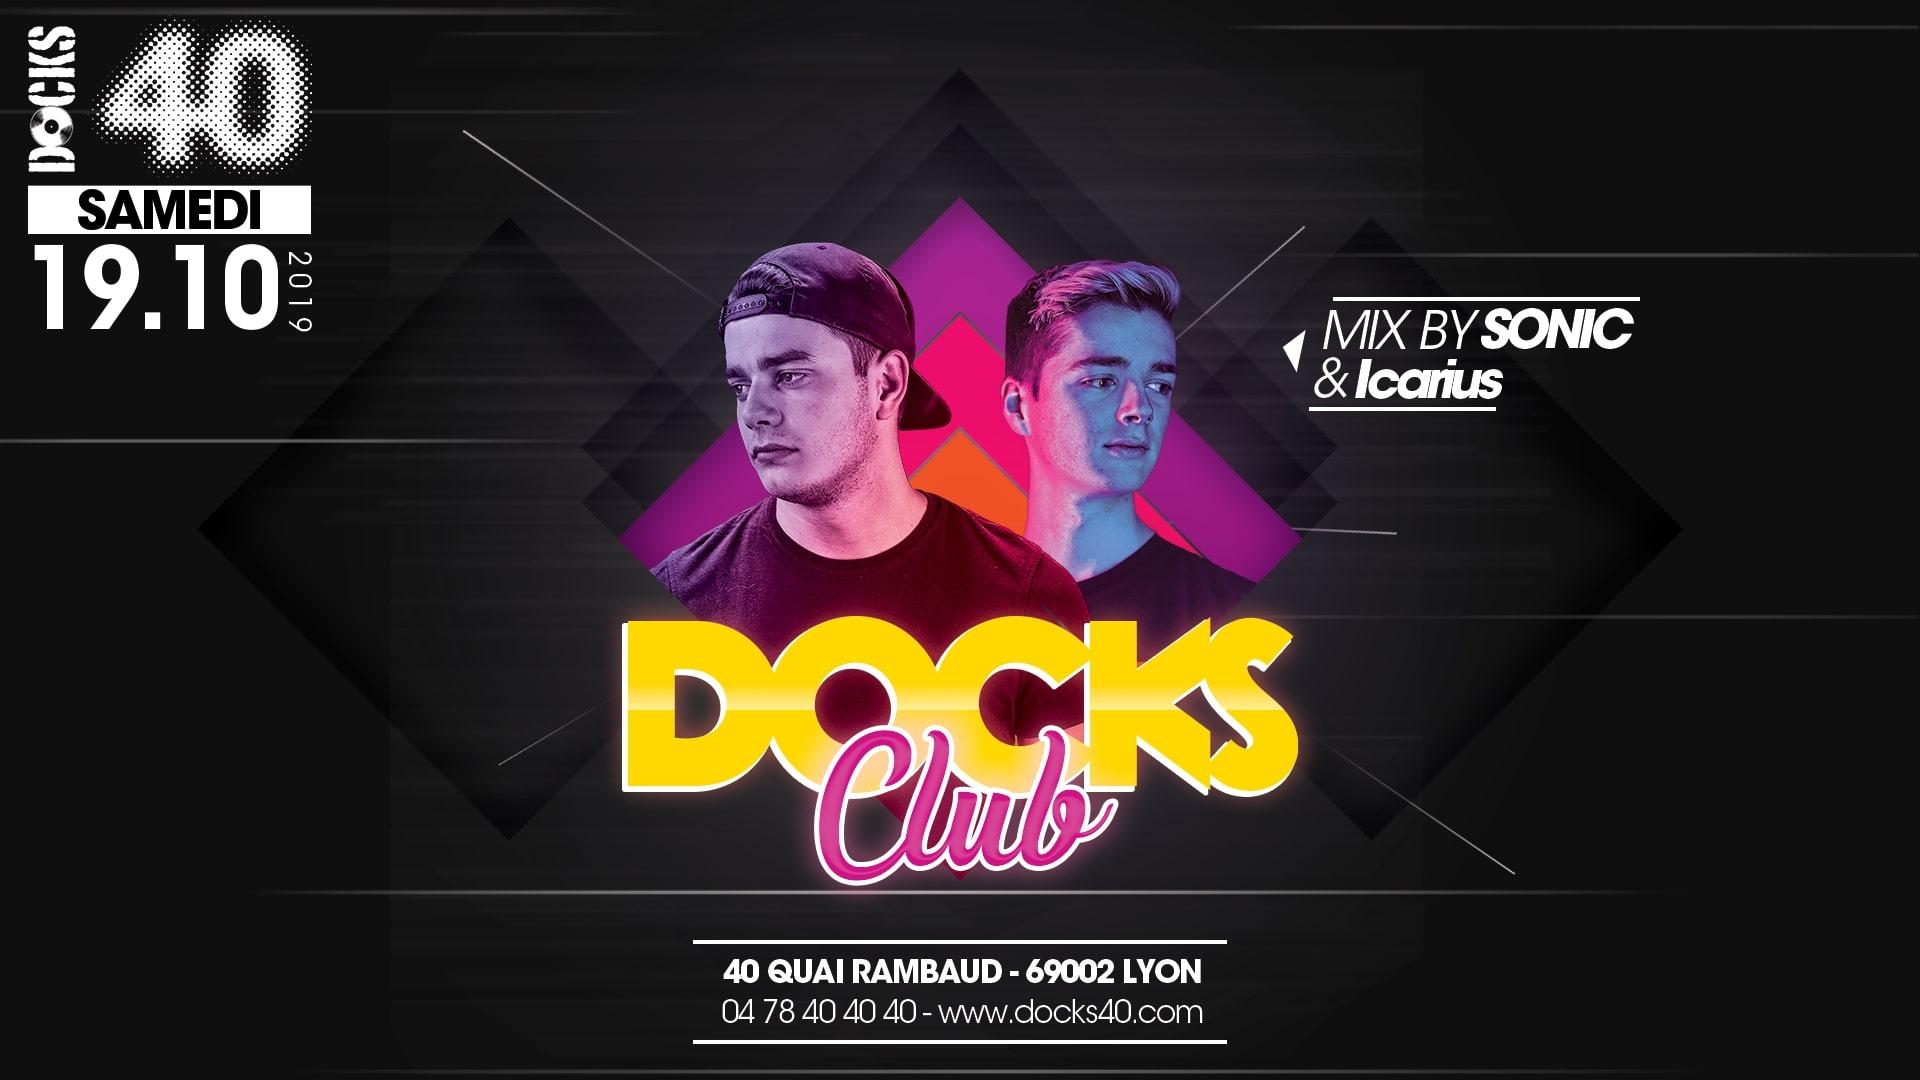 Docks Club - Icarius & Sonic